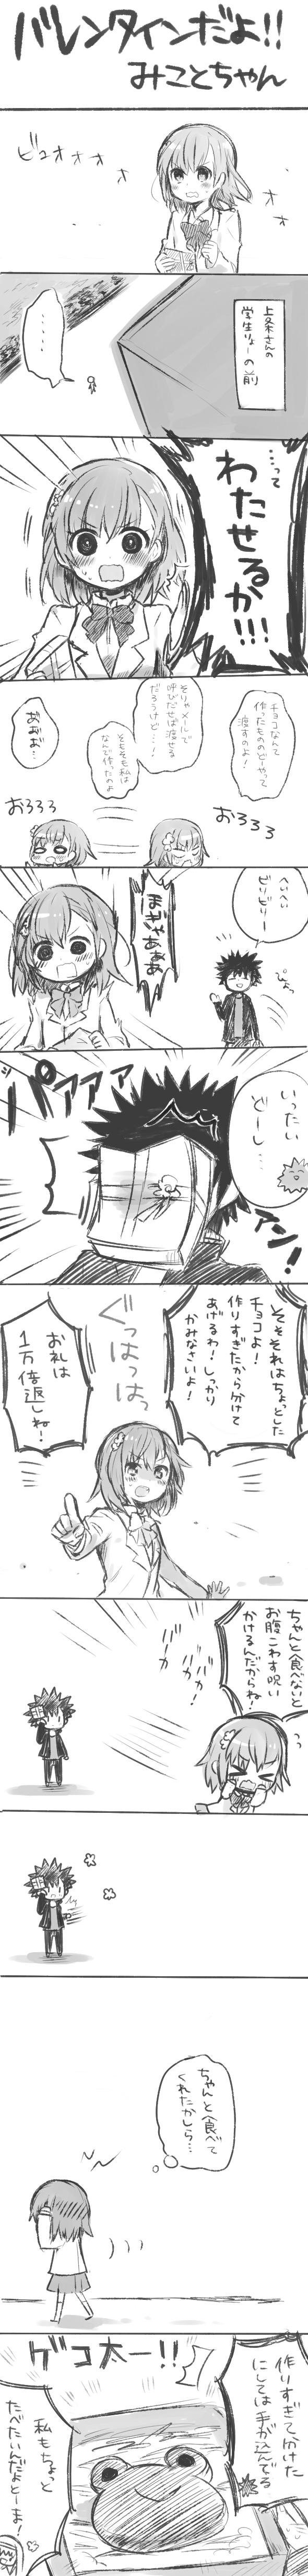 gekota, kamijou touma, and misaka mikoto (to aru kagaku no railgun and to aru majutsu no index) drawn by jenie